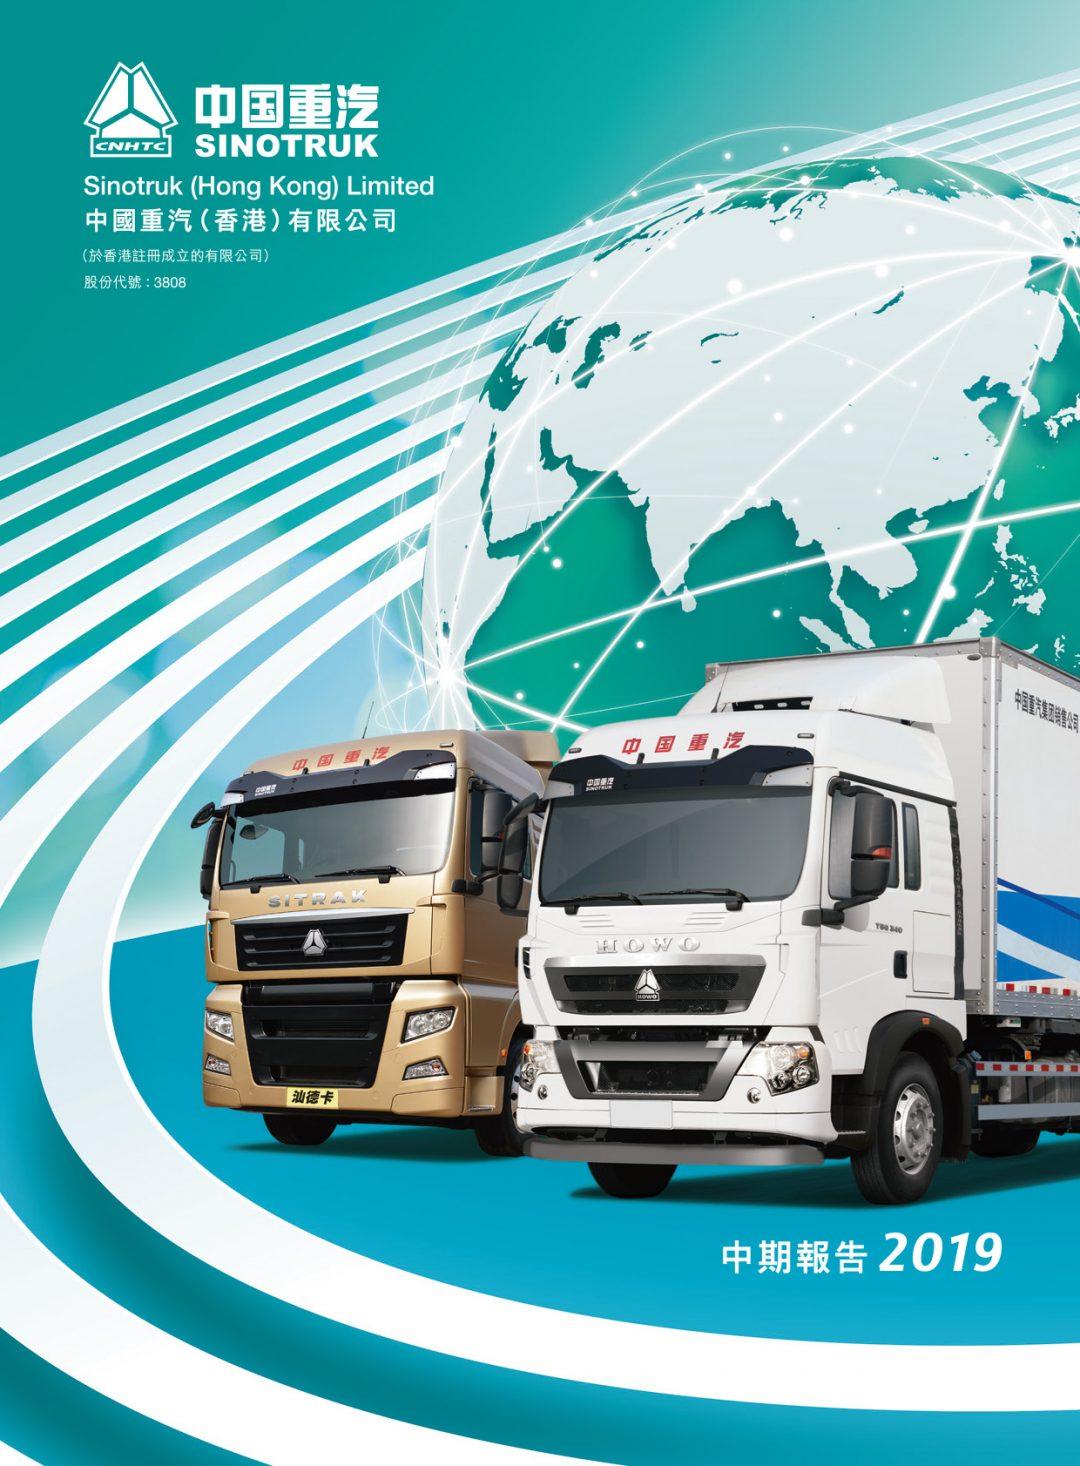 中国重汽(香港)有限公司